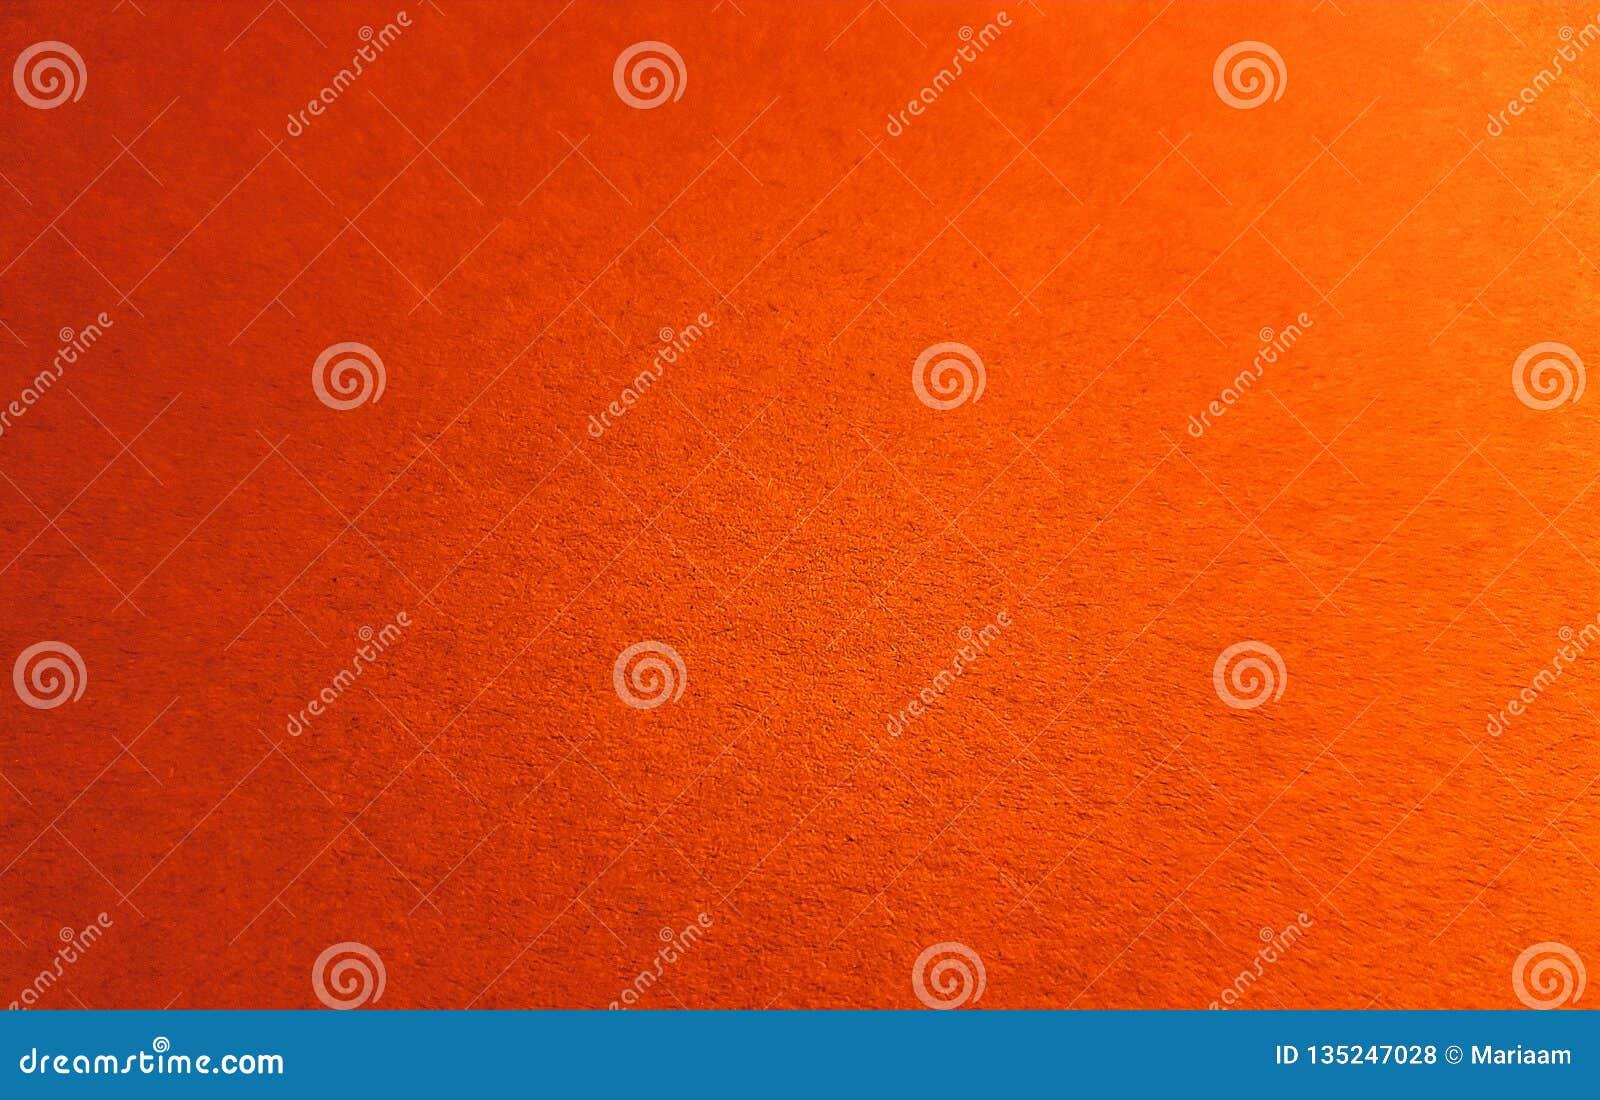 Καθαρό και καθαρό υπόβαθρο κόκκινος και πορτοκαλής Σαφές σκηνικό